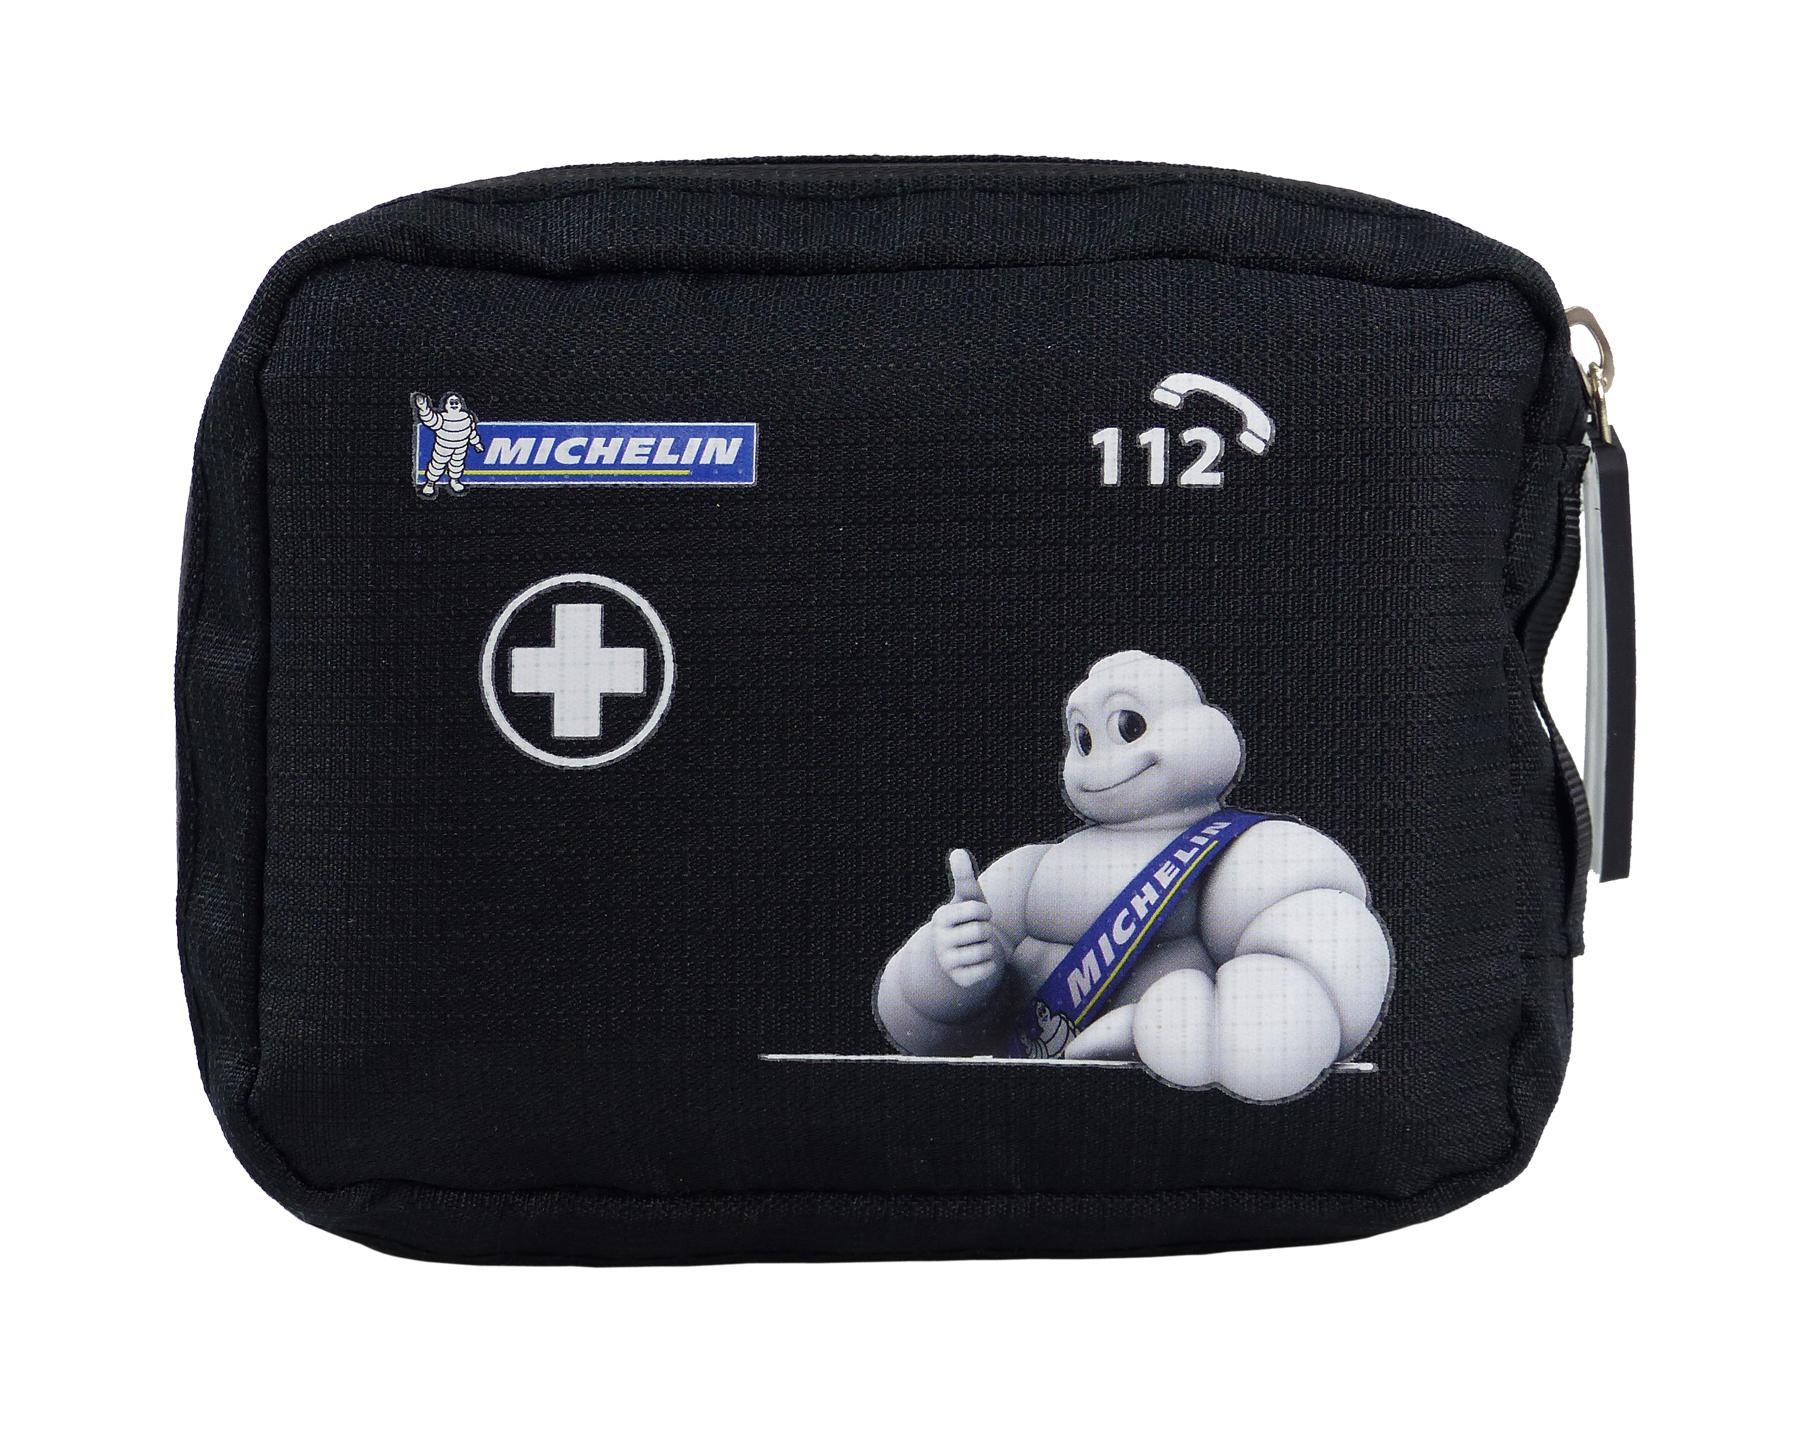 009531 Kit di pronto soccorso per auto Michelin 009531 - Prezzo ridotto